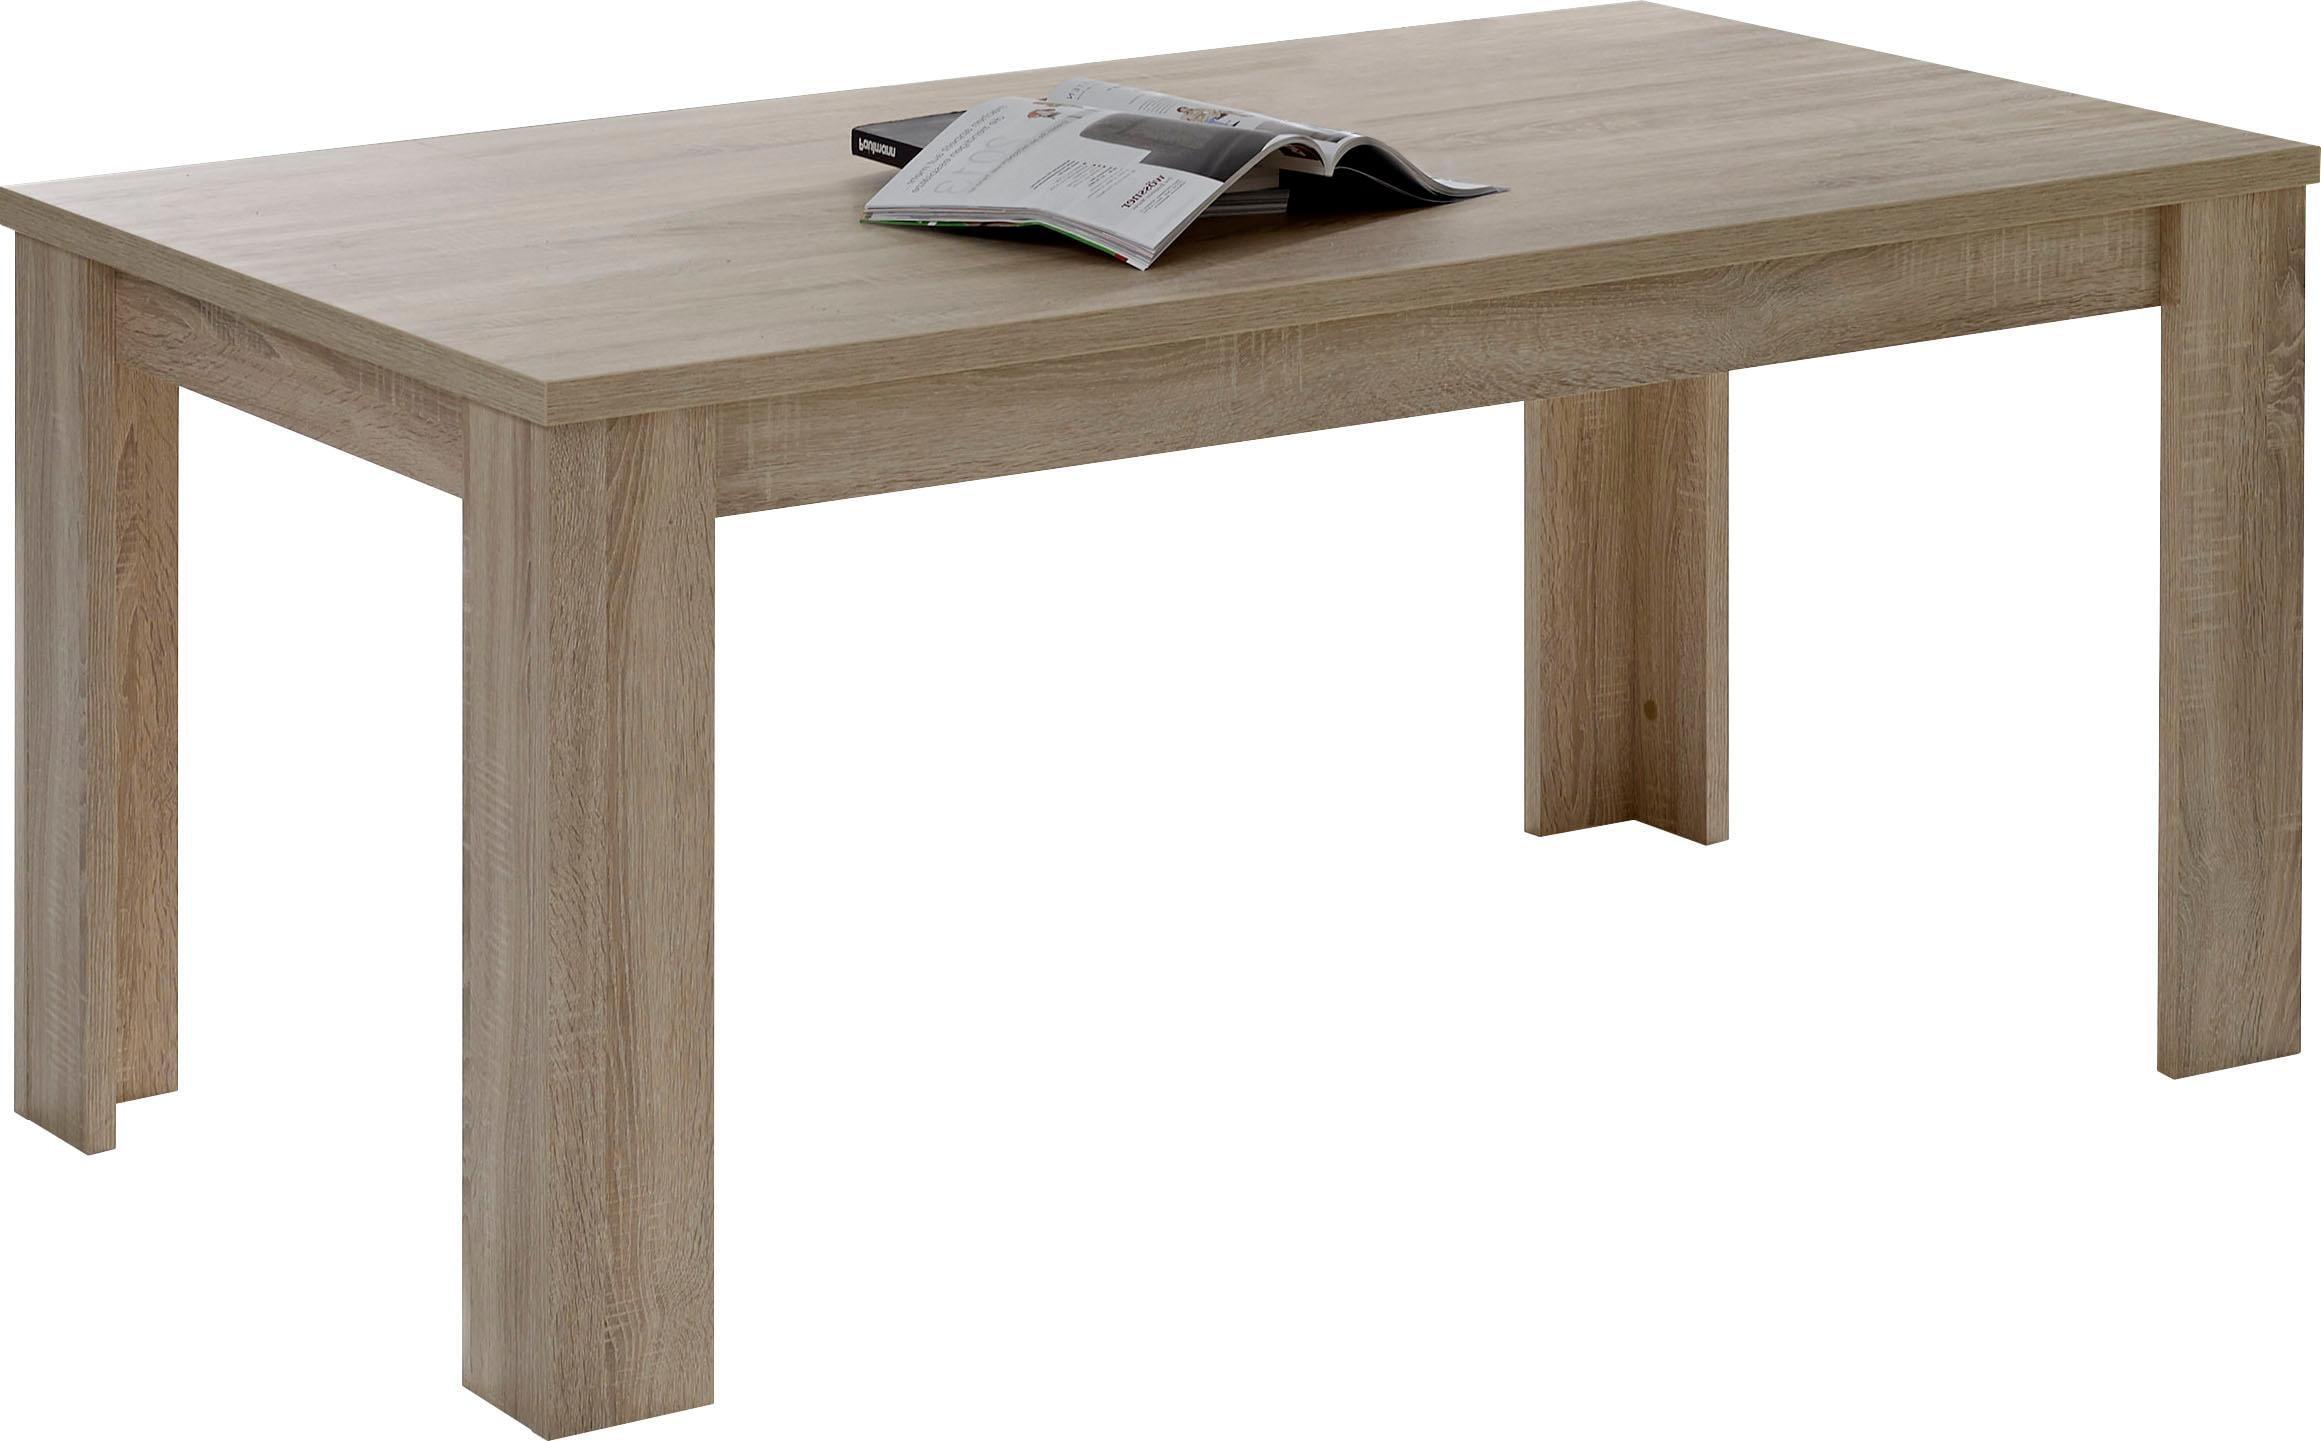 Mäusbacher Esstisch, Breite 160 cm braun Esstisch Esstische rechteckig Tische